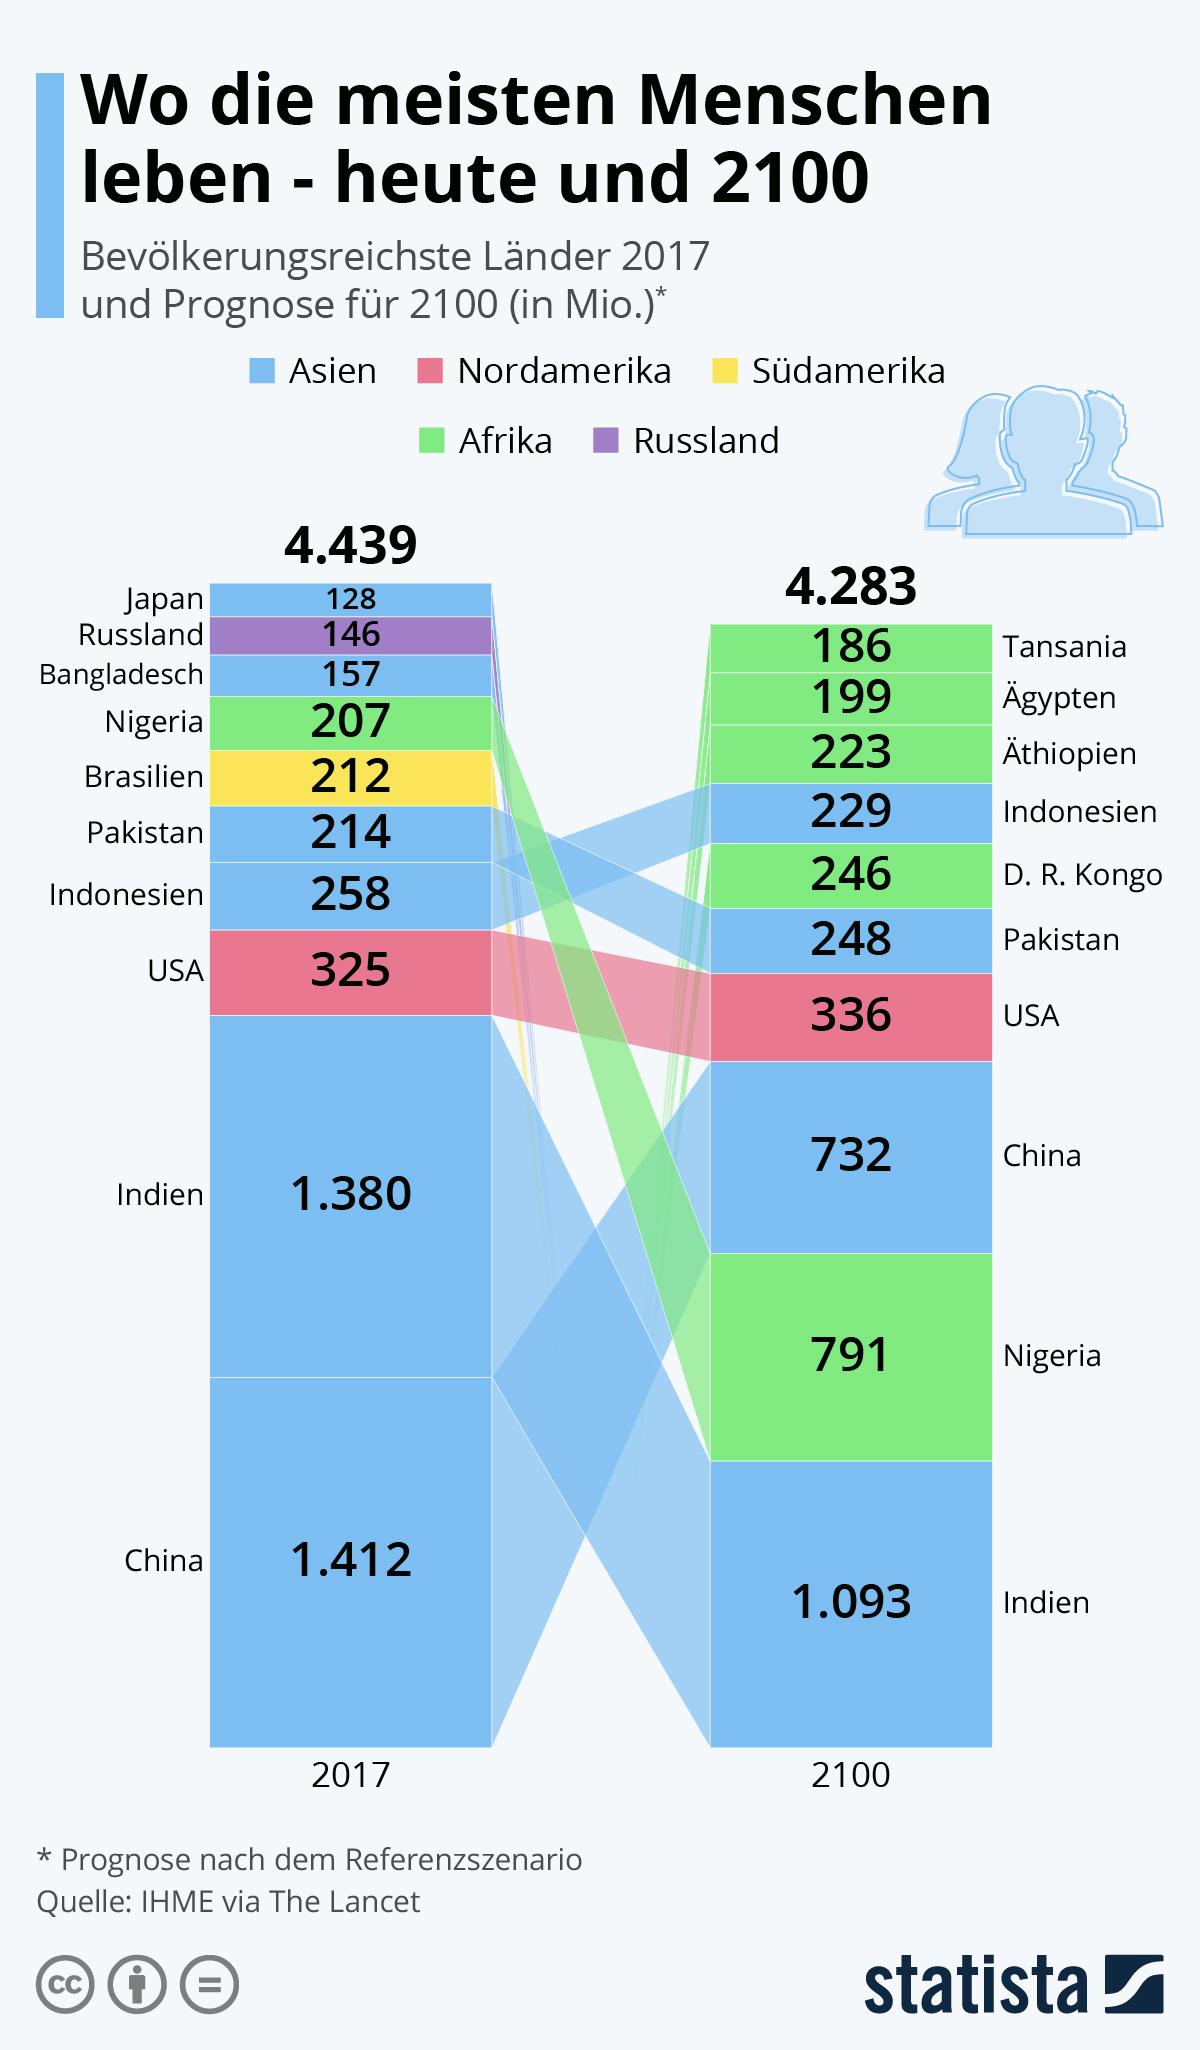 Infografik: Wo die meisten Menschen leben - heute und 2100 | Statista